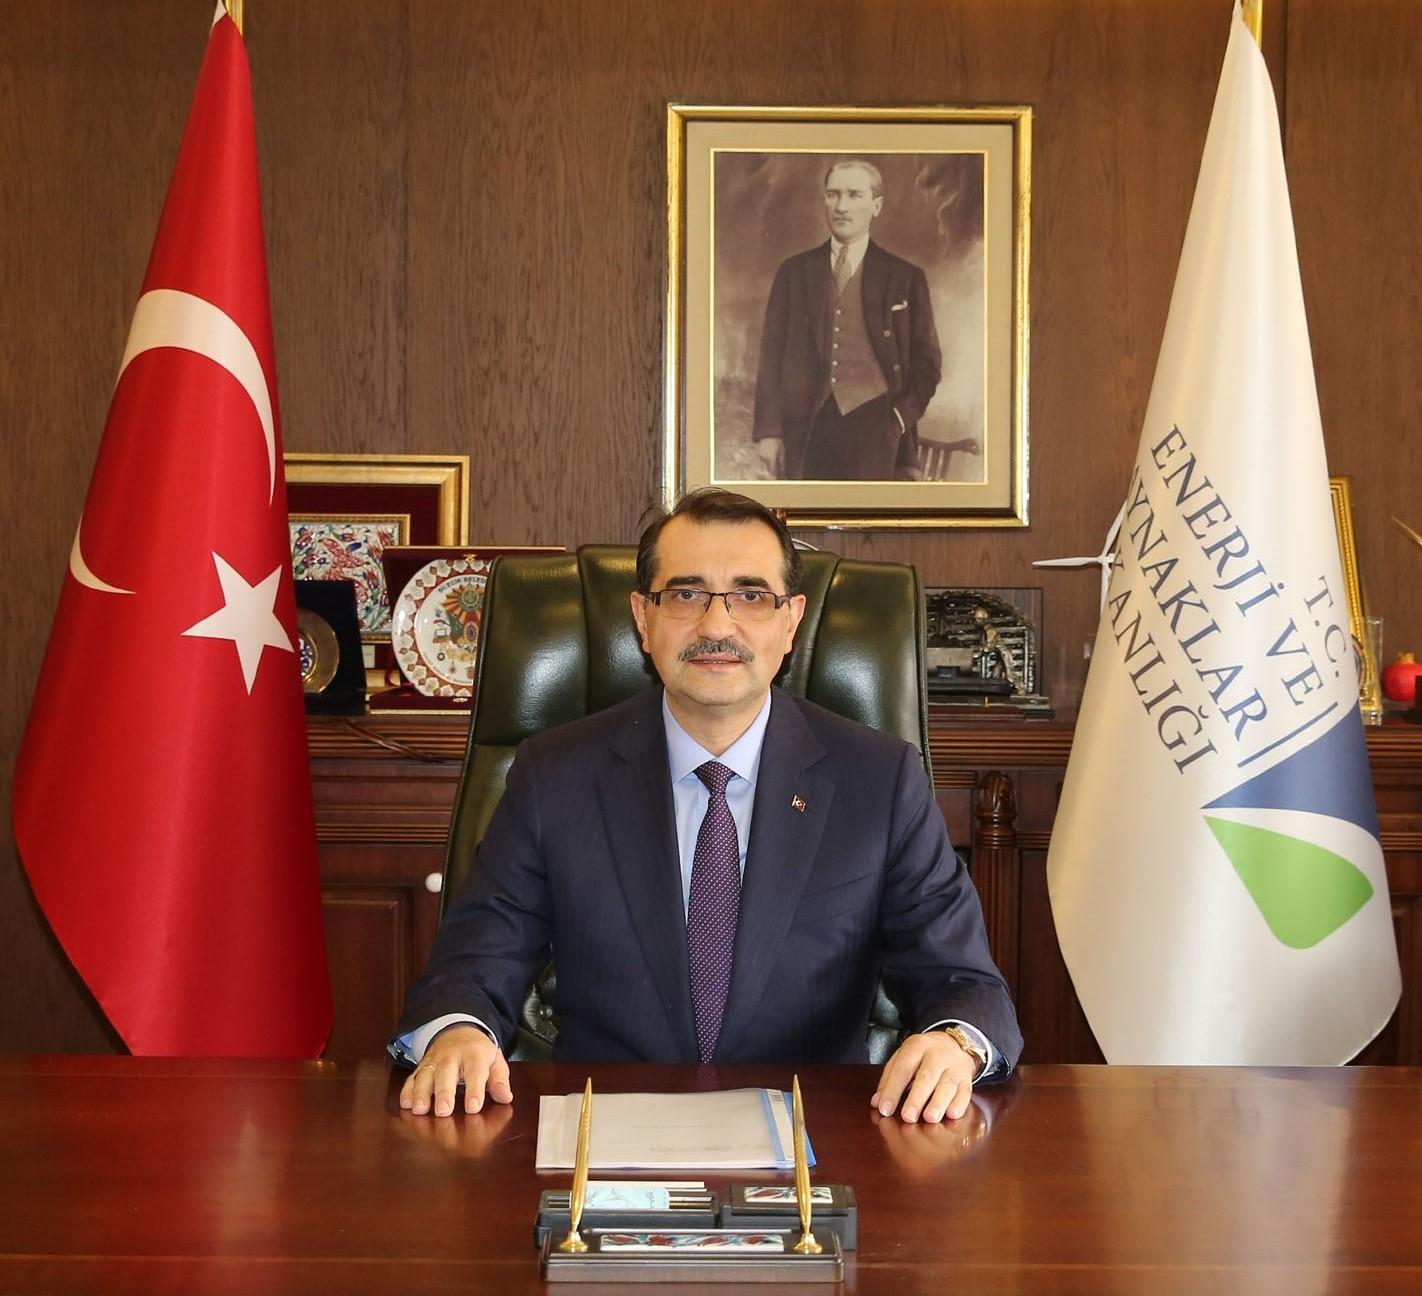 Τούρκος Υπουργός Ενέργειας: «Δεν θα επιτρέψουμε τετελεσμένα στη Μεσόγειο»